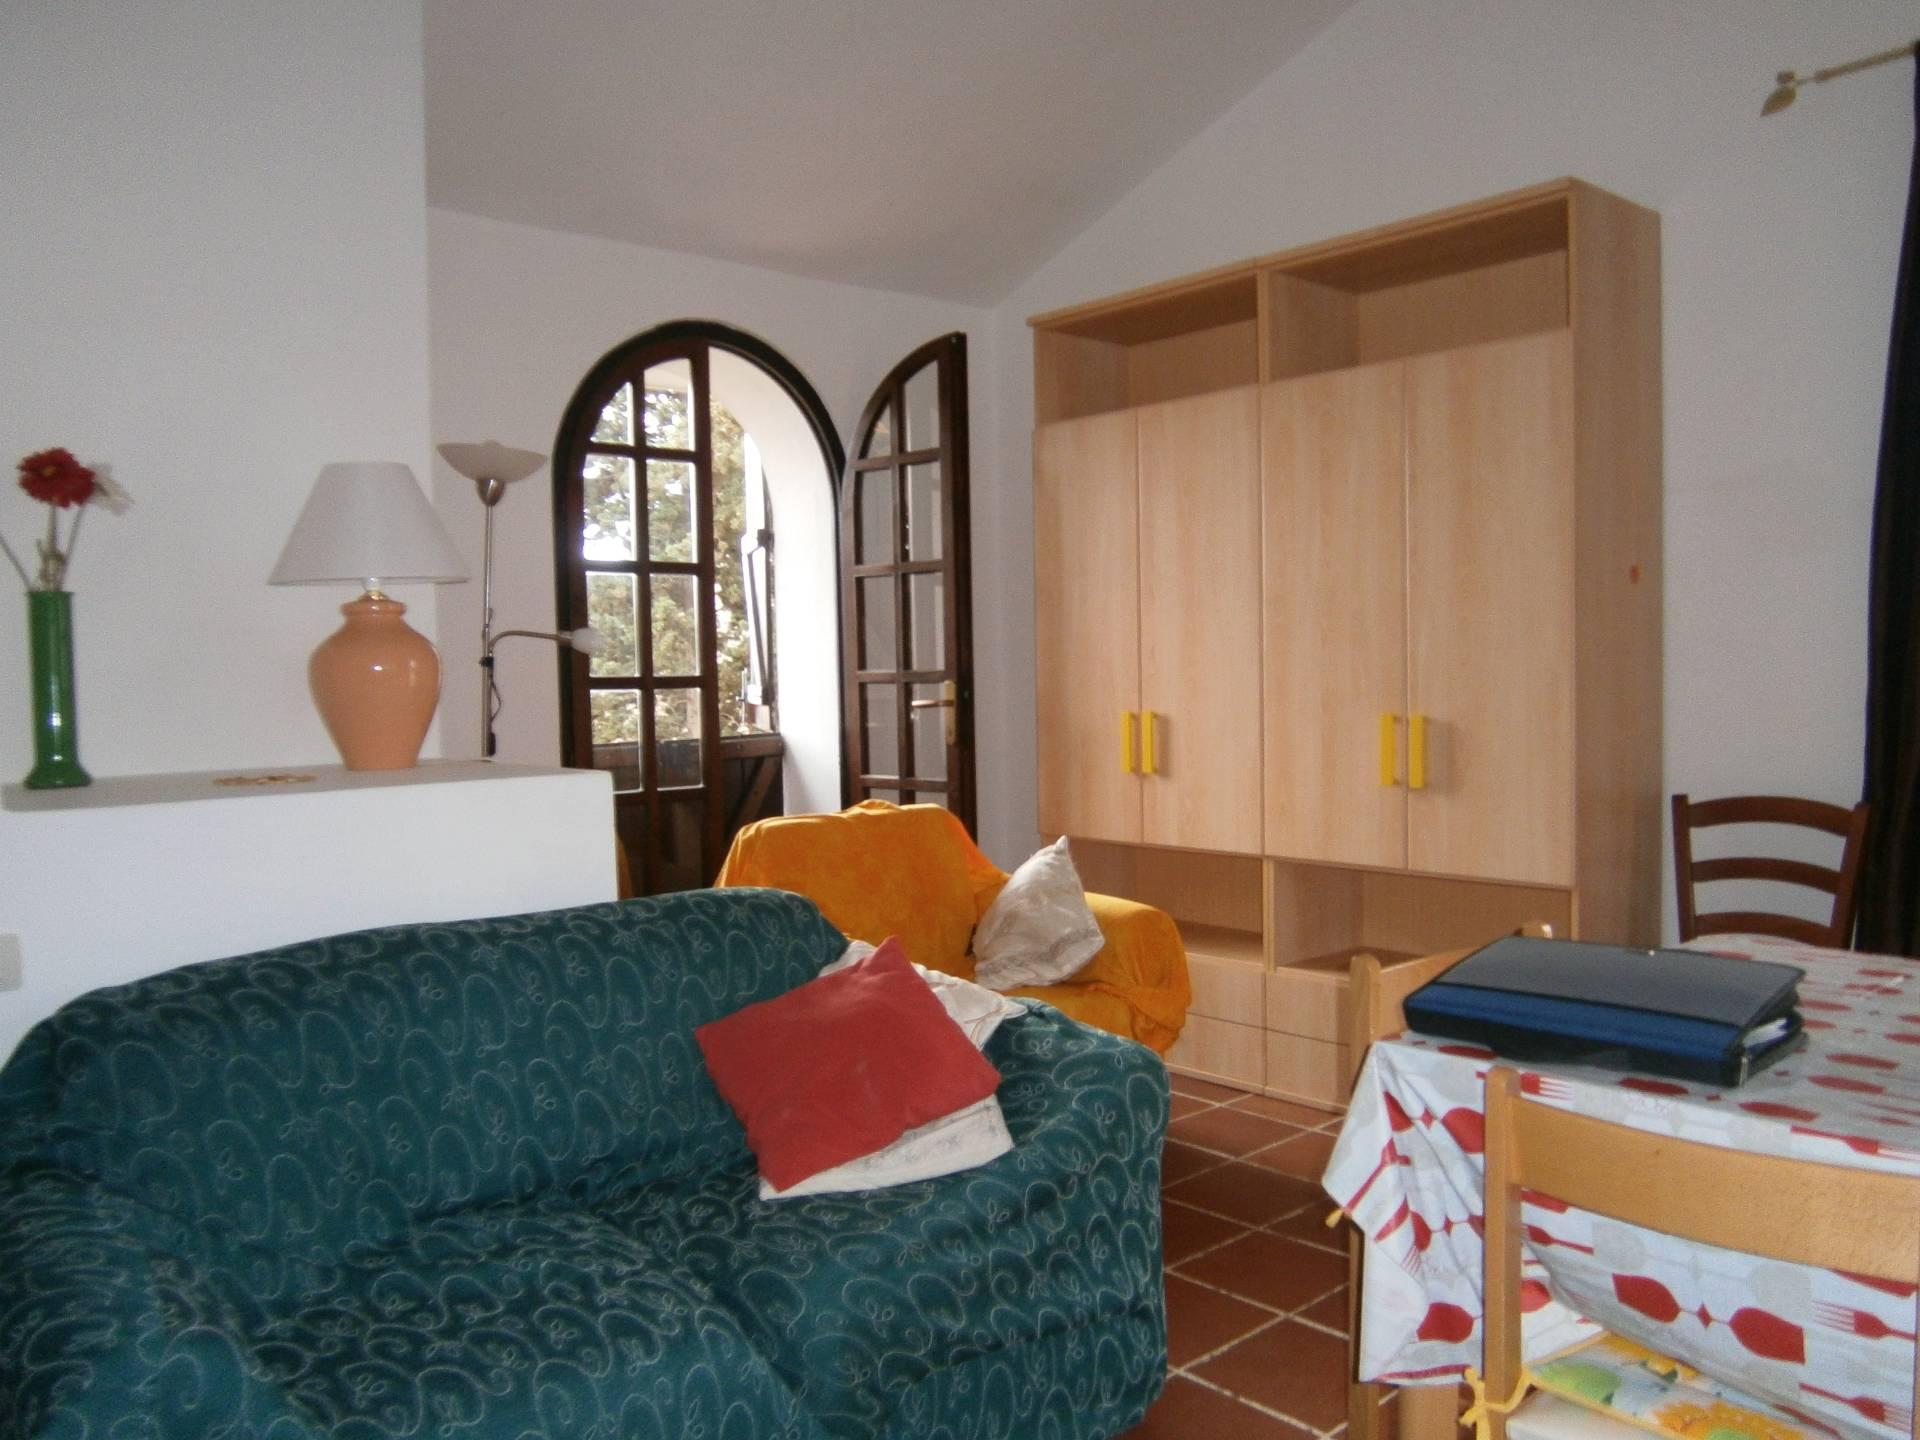 Appartamento in affitto a Quartu Sant'Elena, 3 locali, zona Località: Flumini, prezzo € 590 | Cambio Casa.it